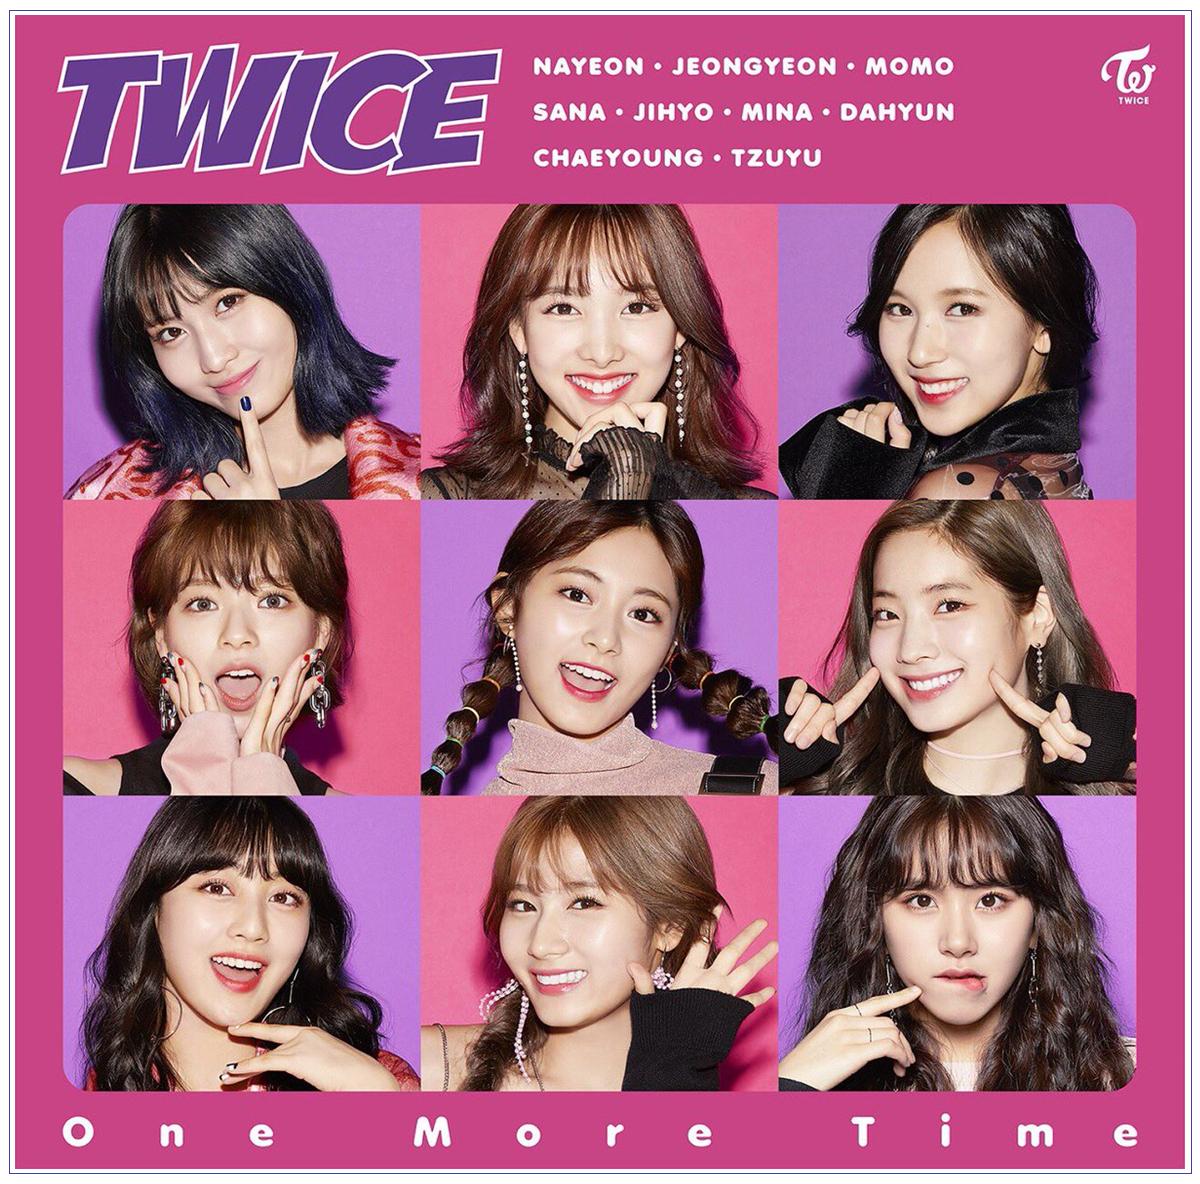 2017년 10/27일자 주간 오리콘 차트(SINGLE 부문)